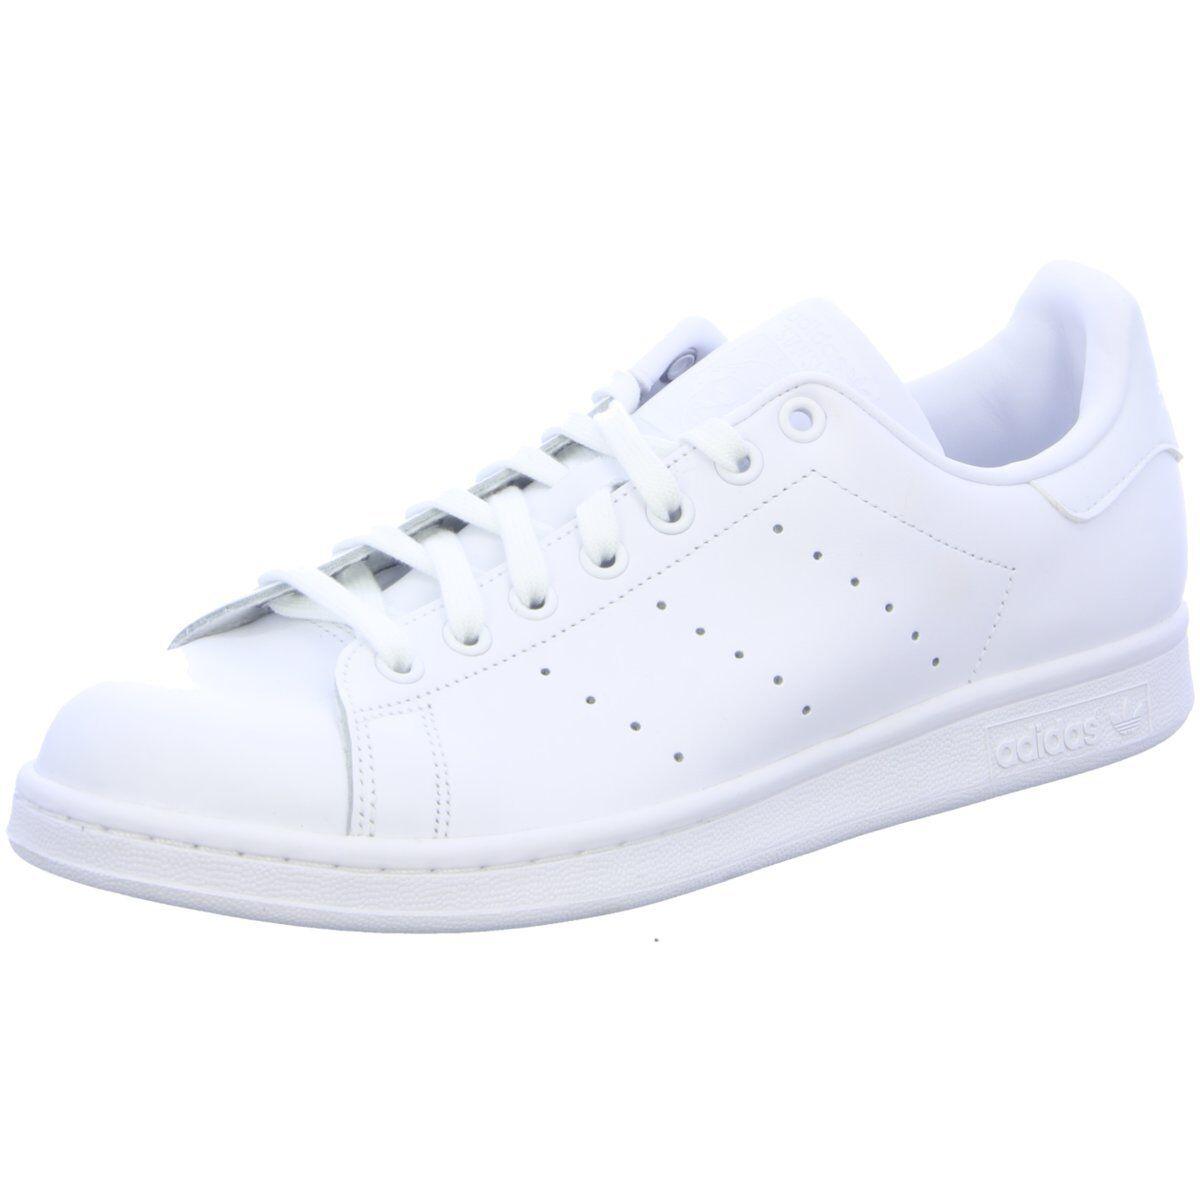 S2K adidas Herren Turnschuhe STAN SMITH S75104 weiß 88631 Qualität und Quantität garantieren